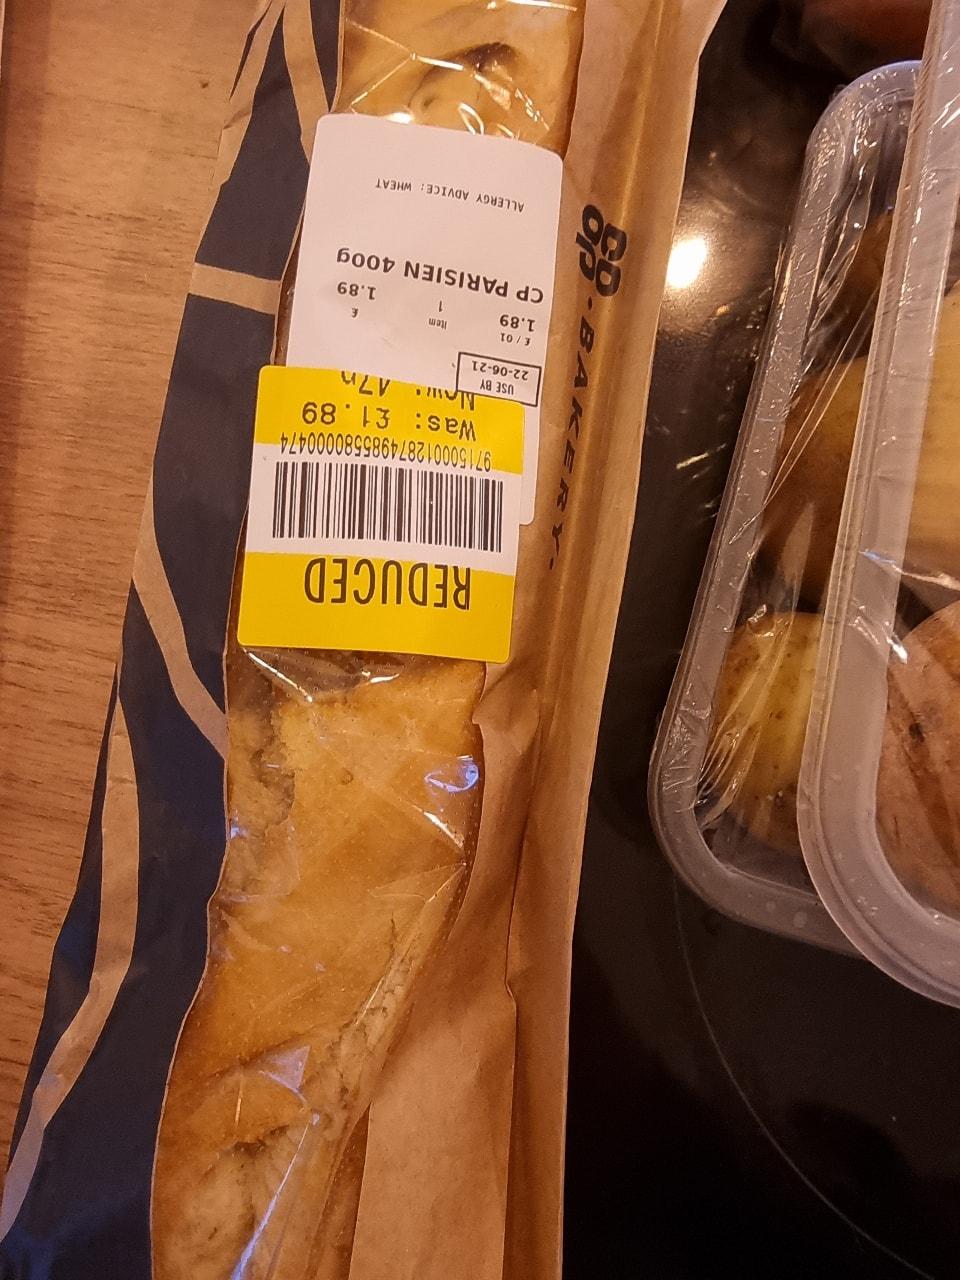 Large baguette